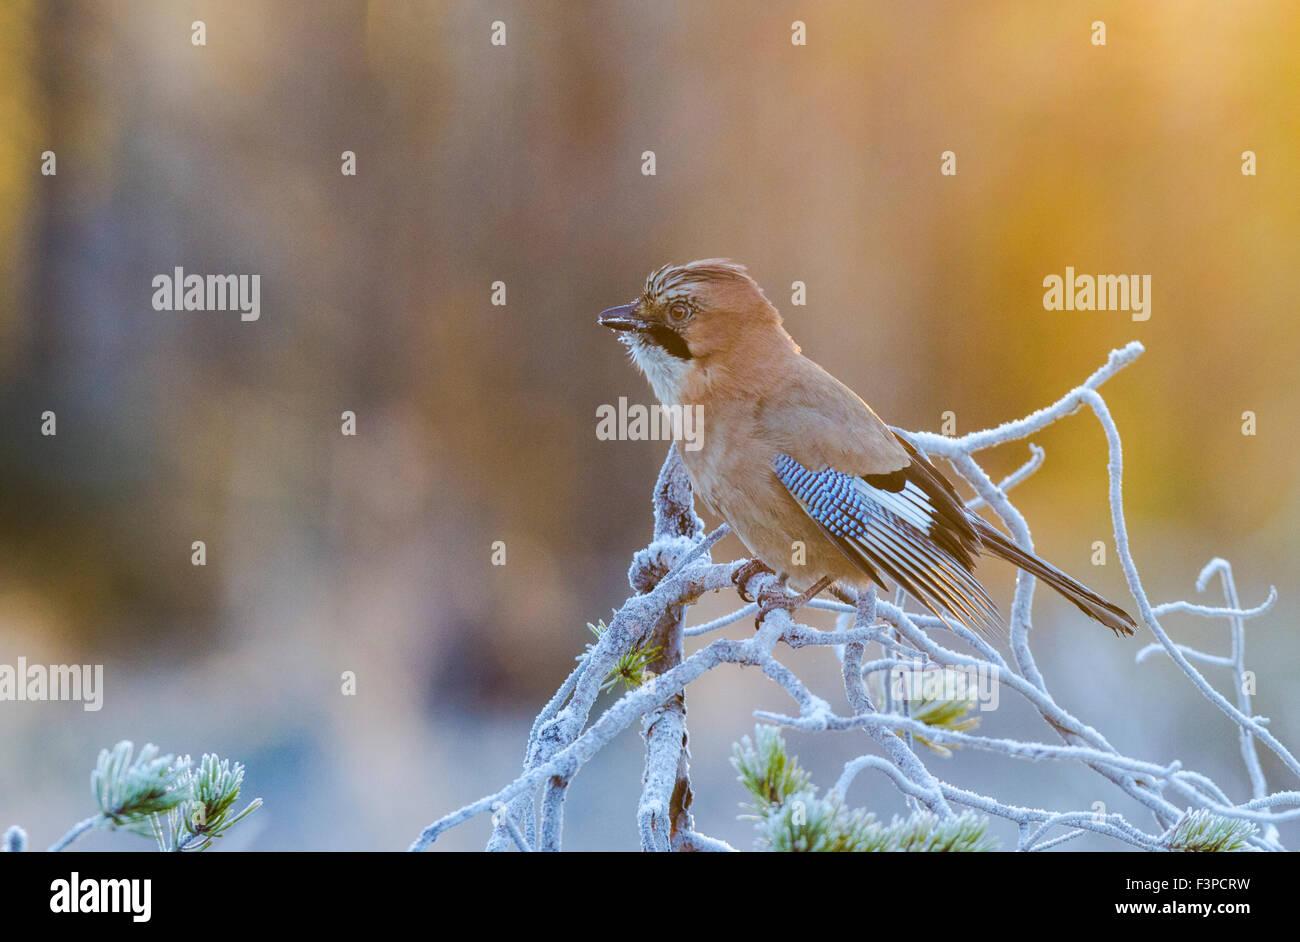 Eichelhäher Garrulus Glandarius, sitzen in einer frostigen Kiefer in warmes Licht, Kalvträsk, Västerbotten, Stockbild